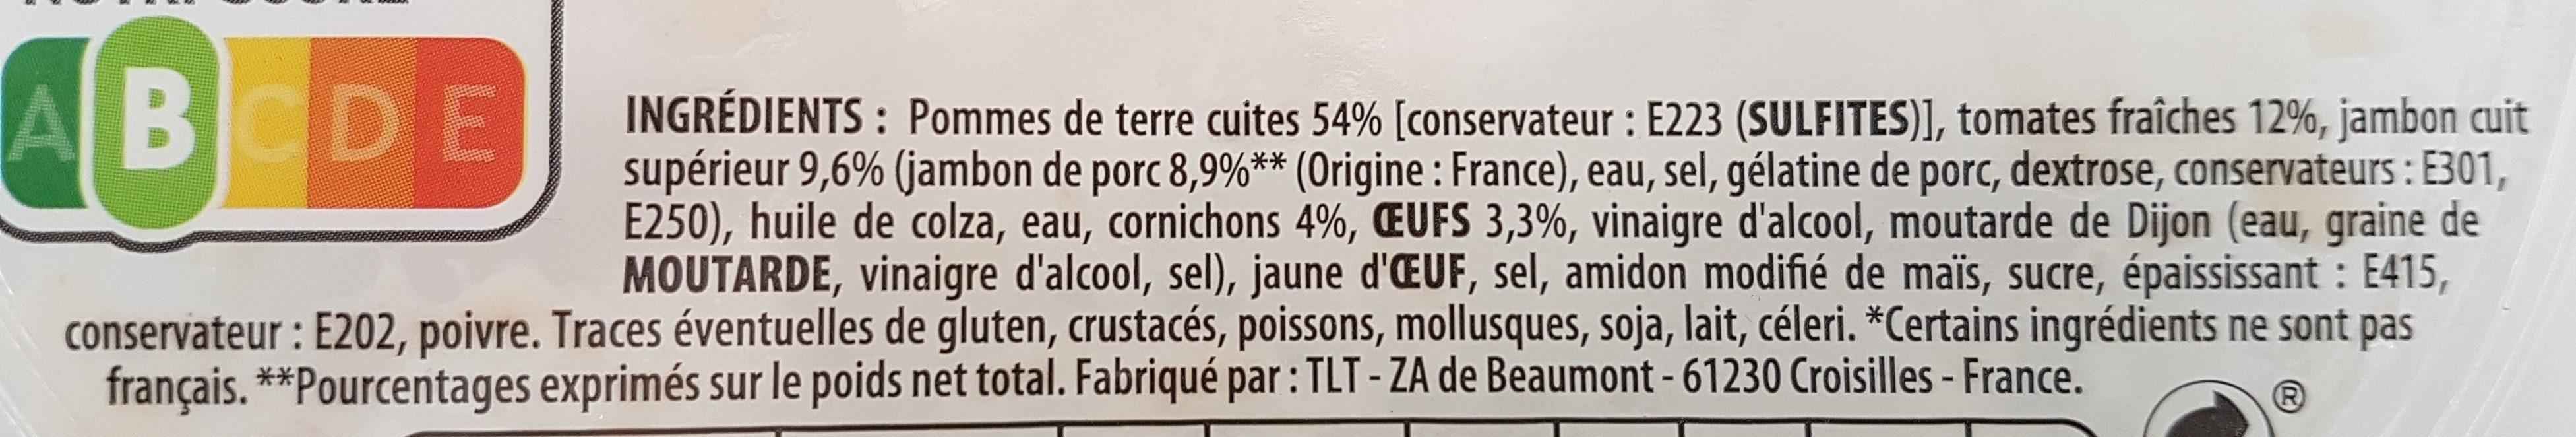 Piémontaise au jambon supérieur & tomates fraîches - Ingredients